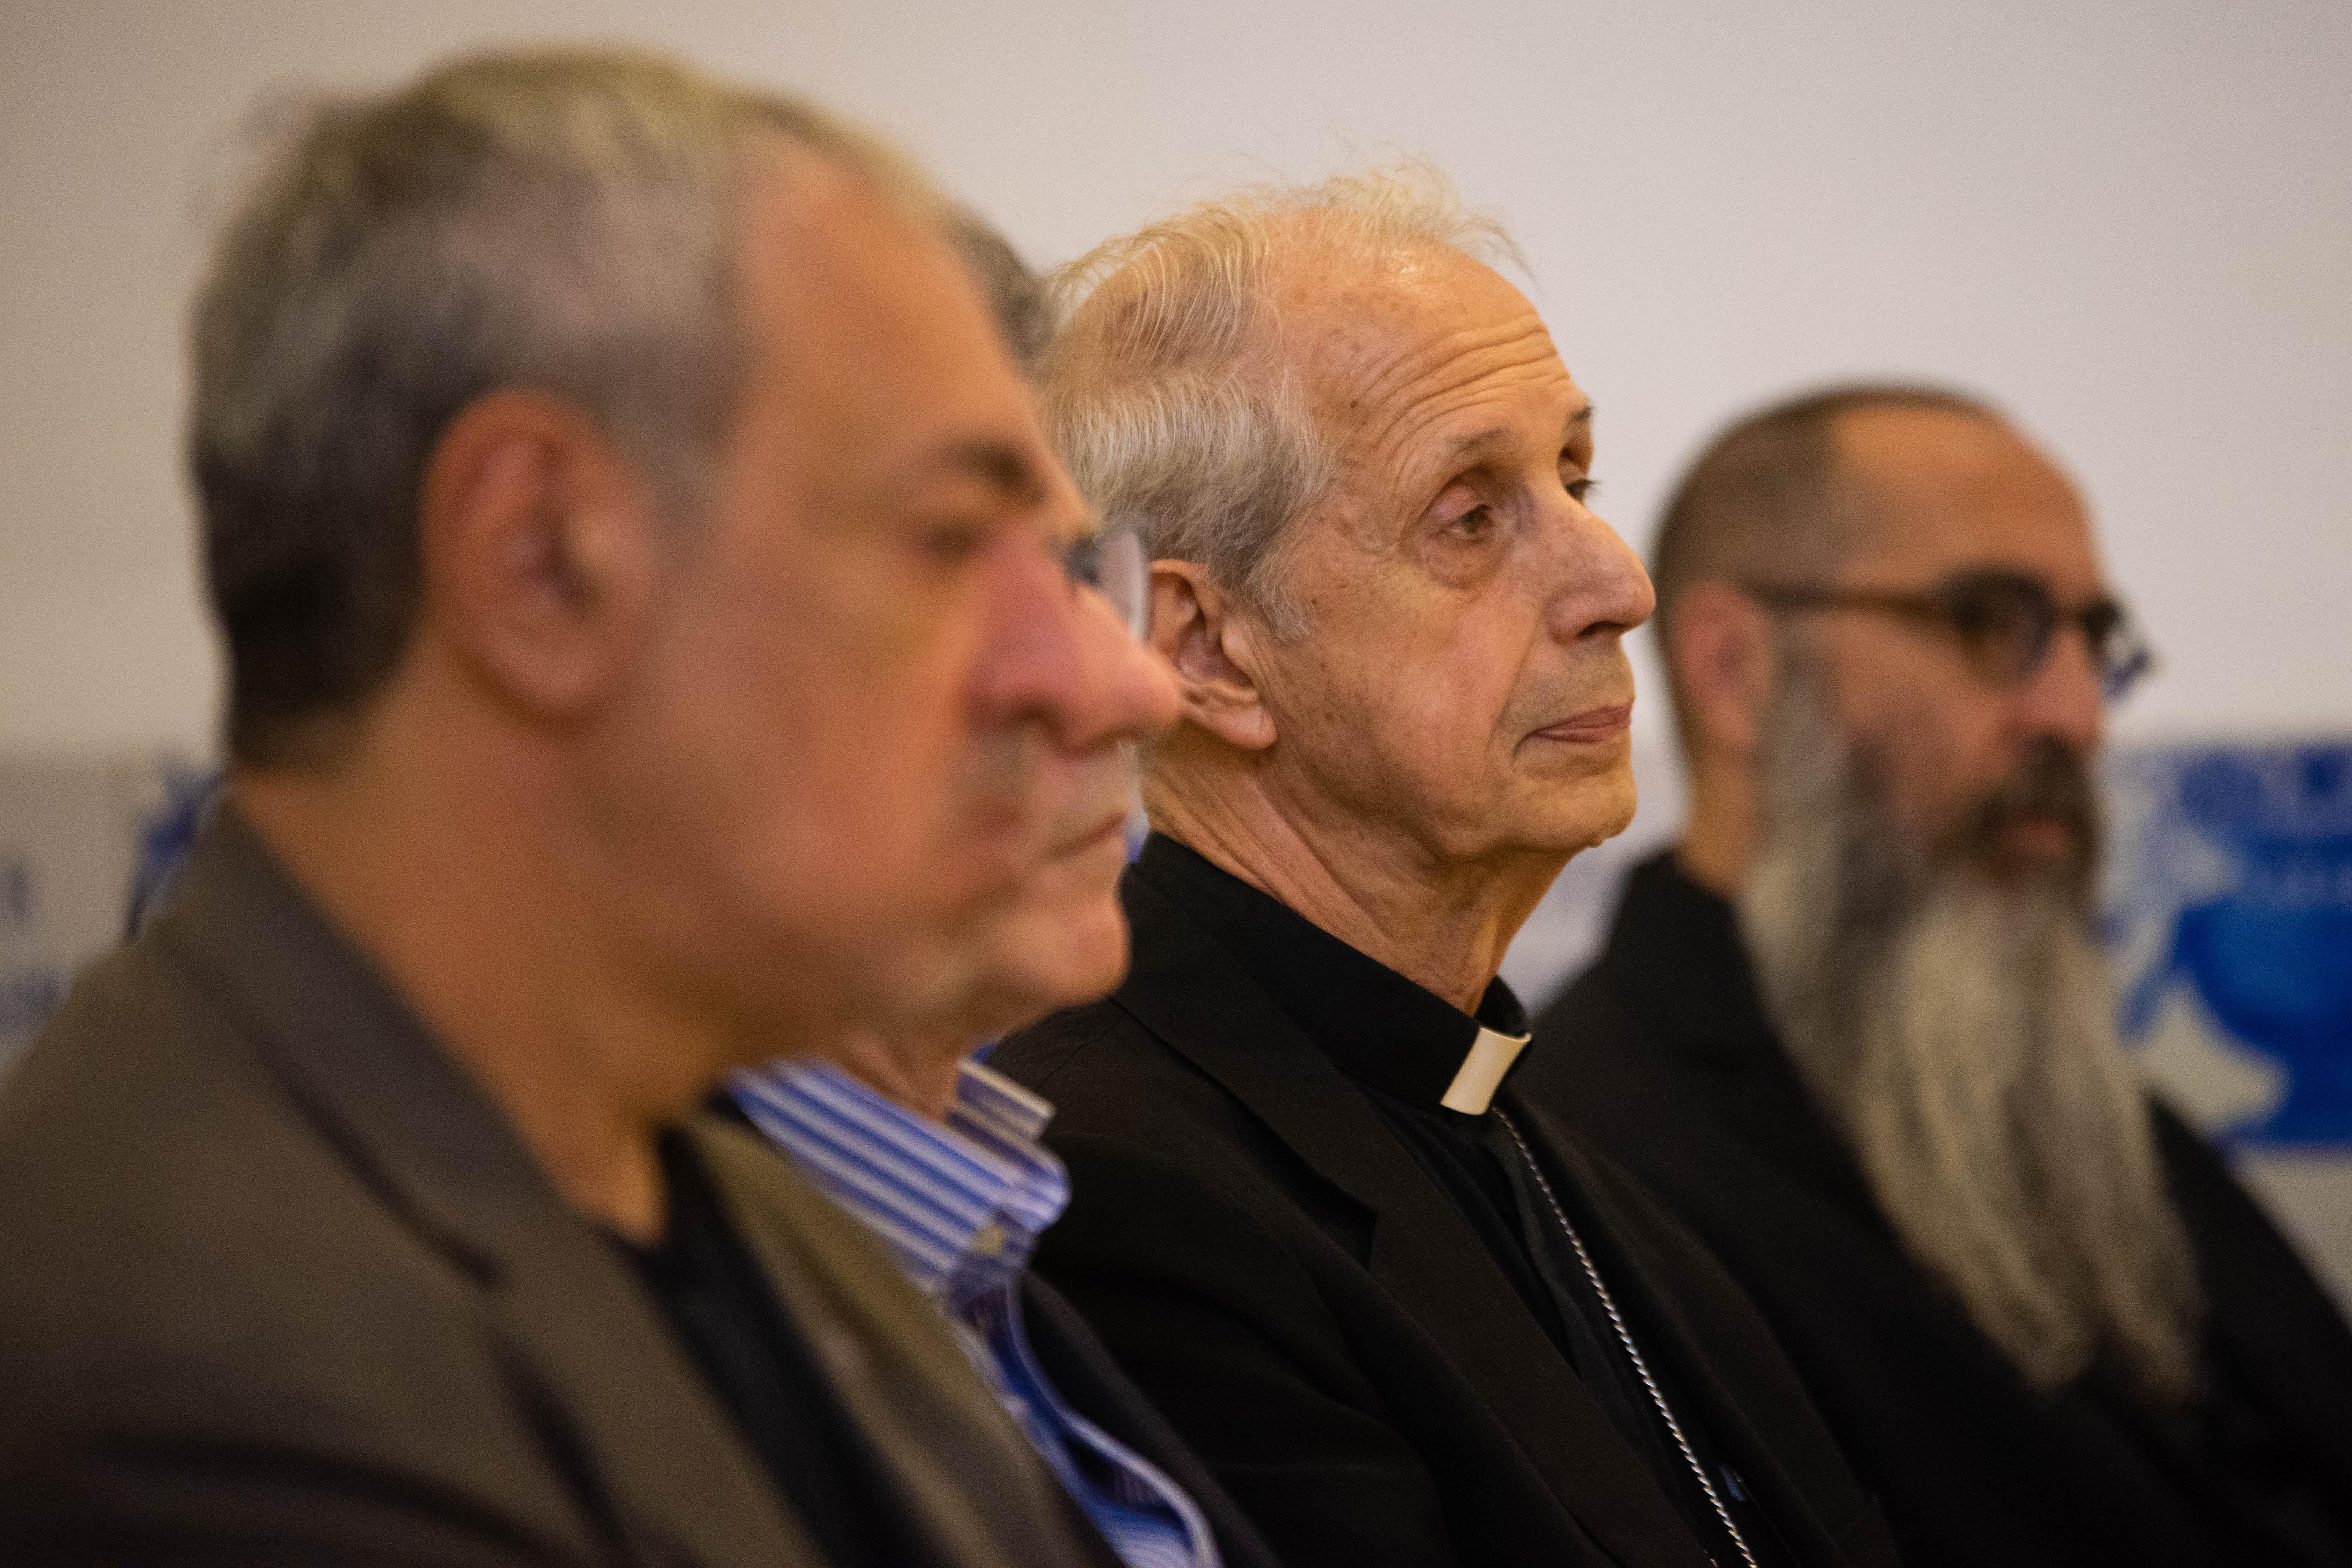 Cuatro referentes de distintos credos elogiaron, desde diferentes puntos de vista, la labor pastoral de Jorge Bergoglio.